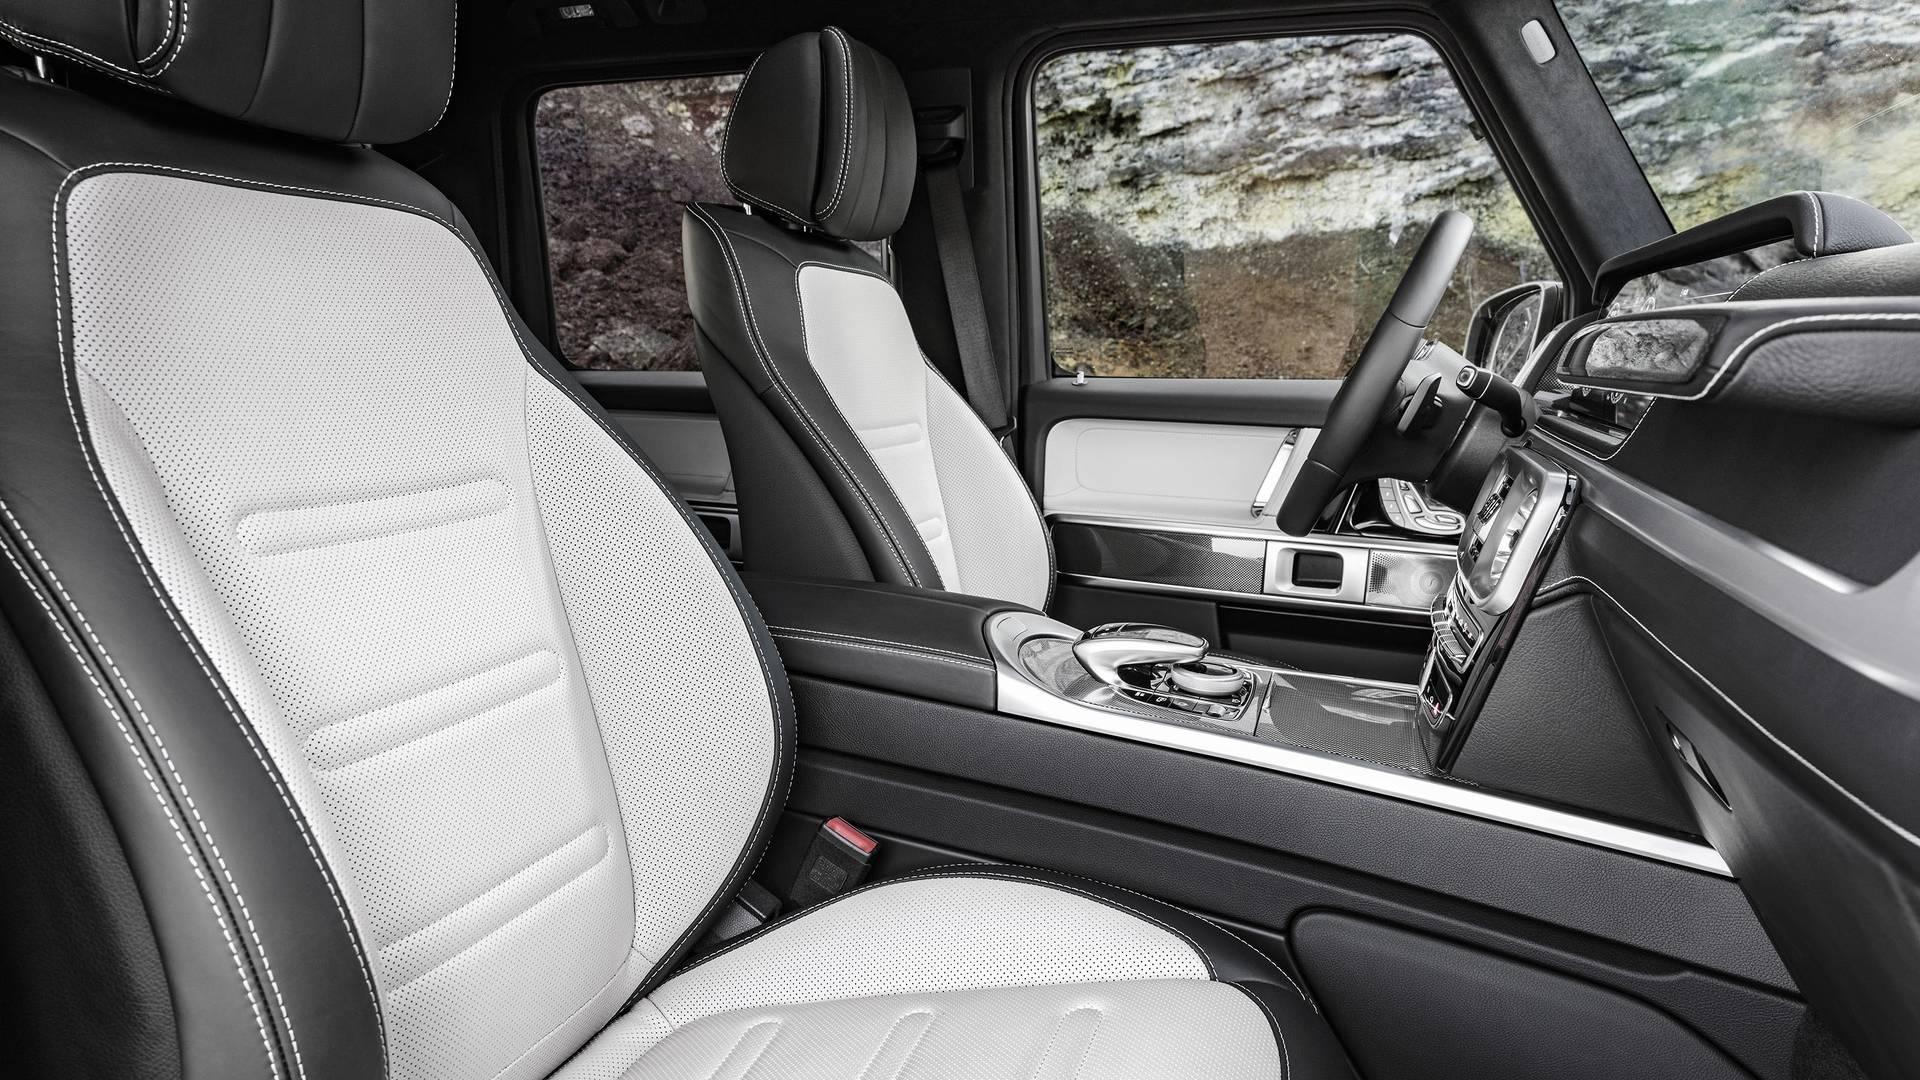 Название: 2019-mercedes-benz-g-class-interior.jpg Просмотров: 74  Размер: 382.8 Кб